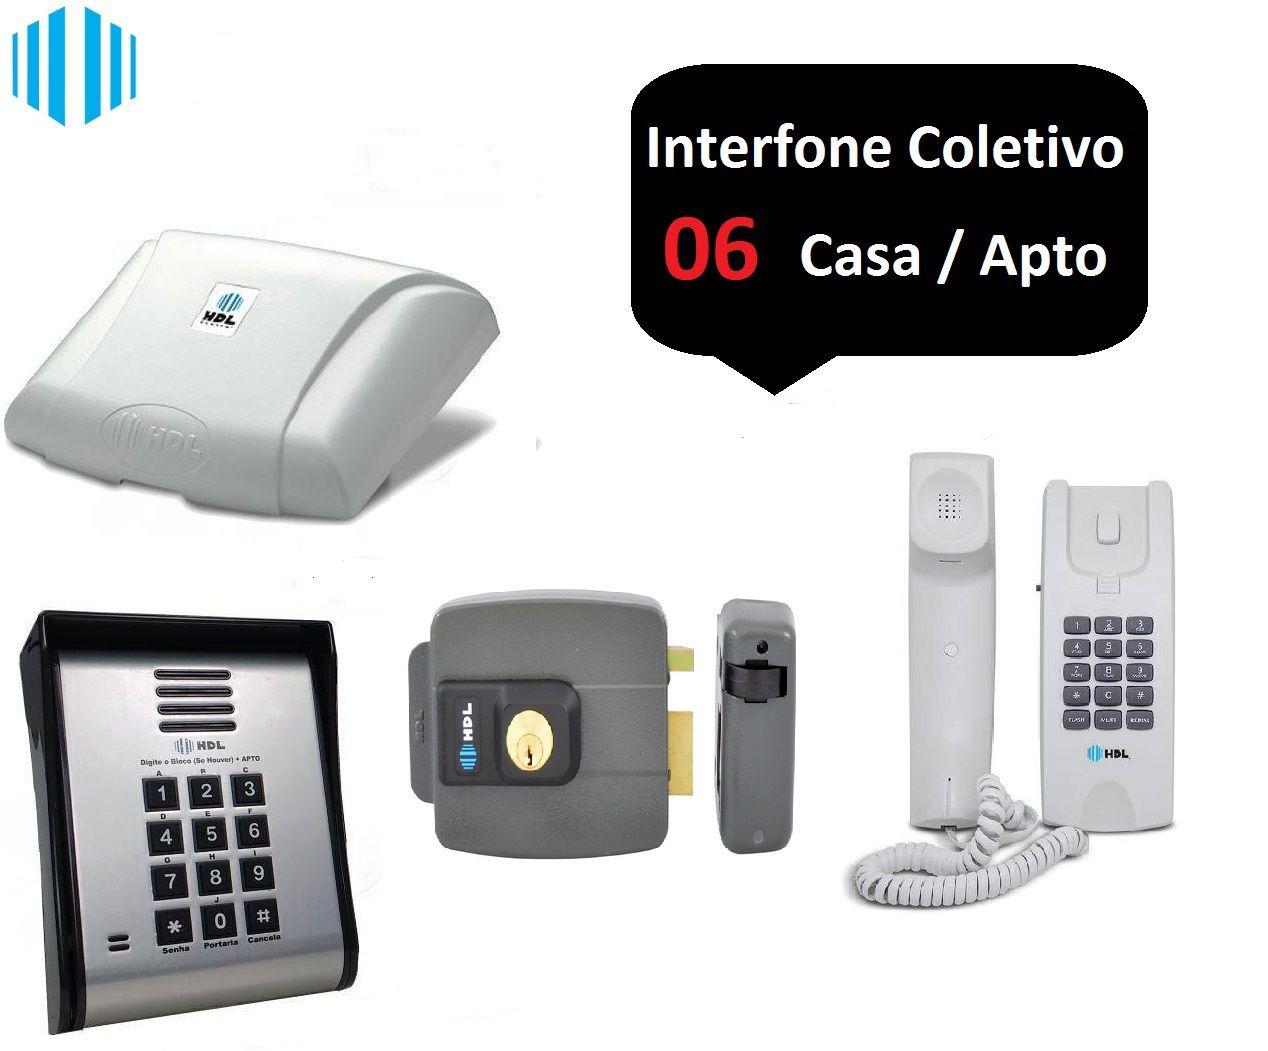 Kit interfonia completo HDL C/6 terminal, porteiro eletrônico e fechadura